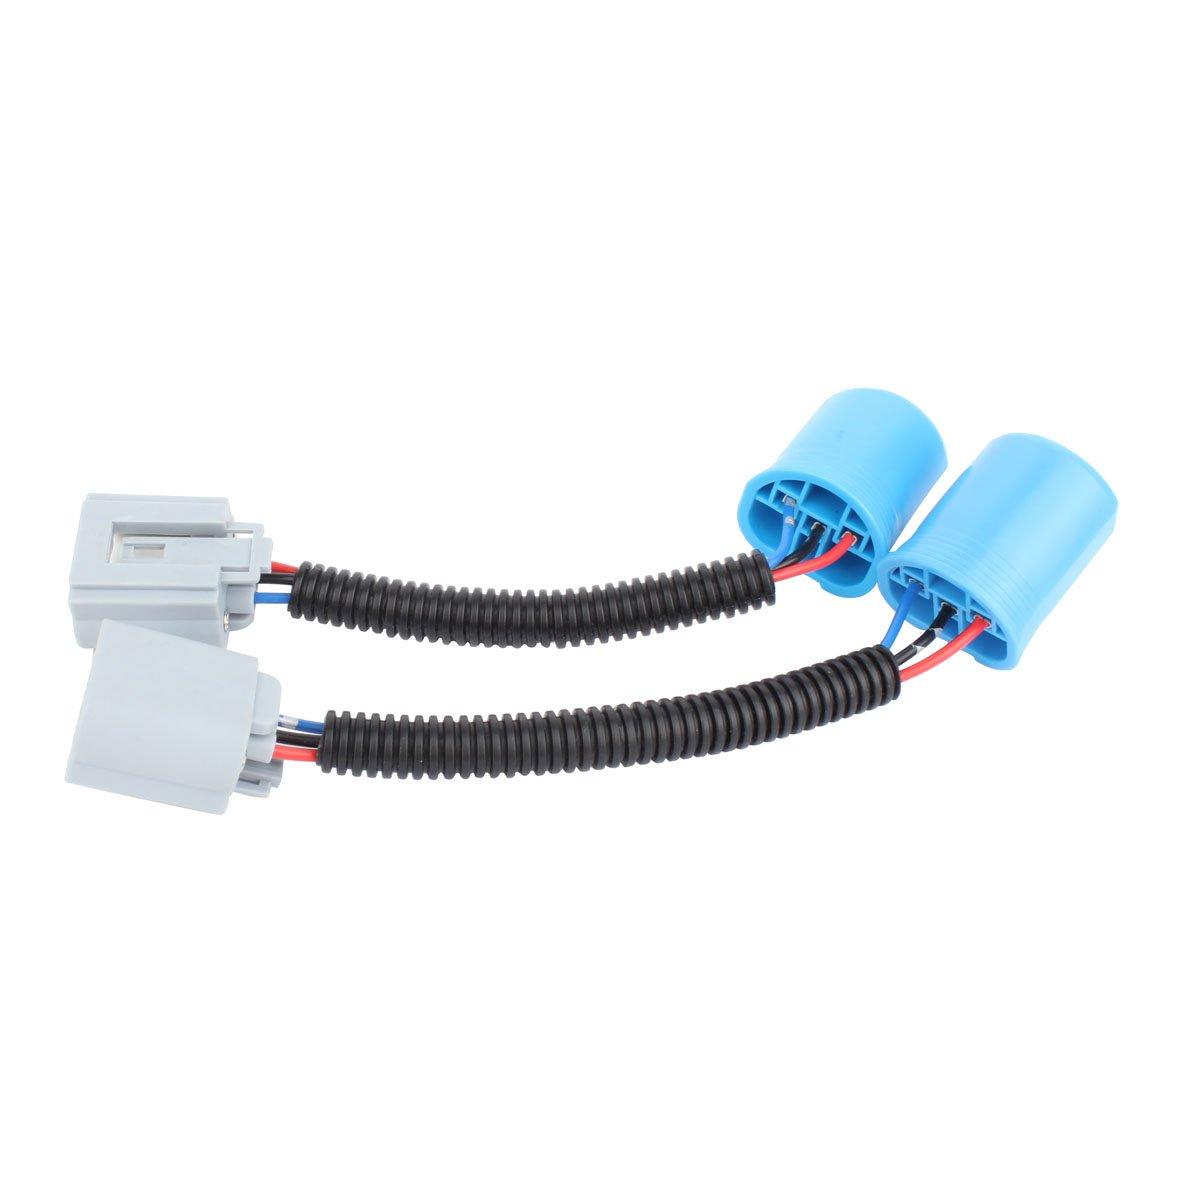 TOMALL H4 9003 HB2 Mâle à H13 9008 Femelle 12cm (5inch) Faisceau de Rénovation pour LED Phare Kit de Conversion Adaptateur de Prise de Connecteur